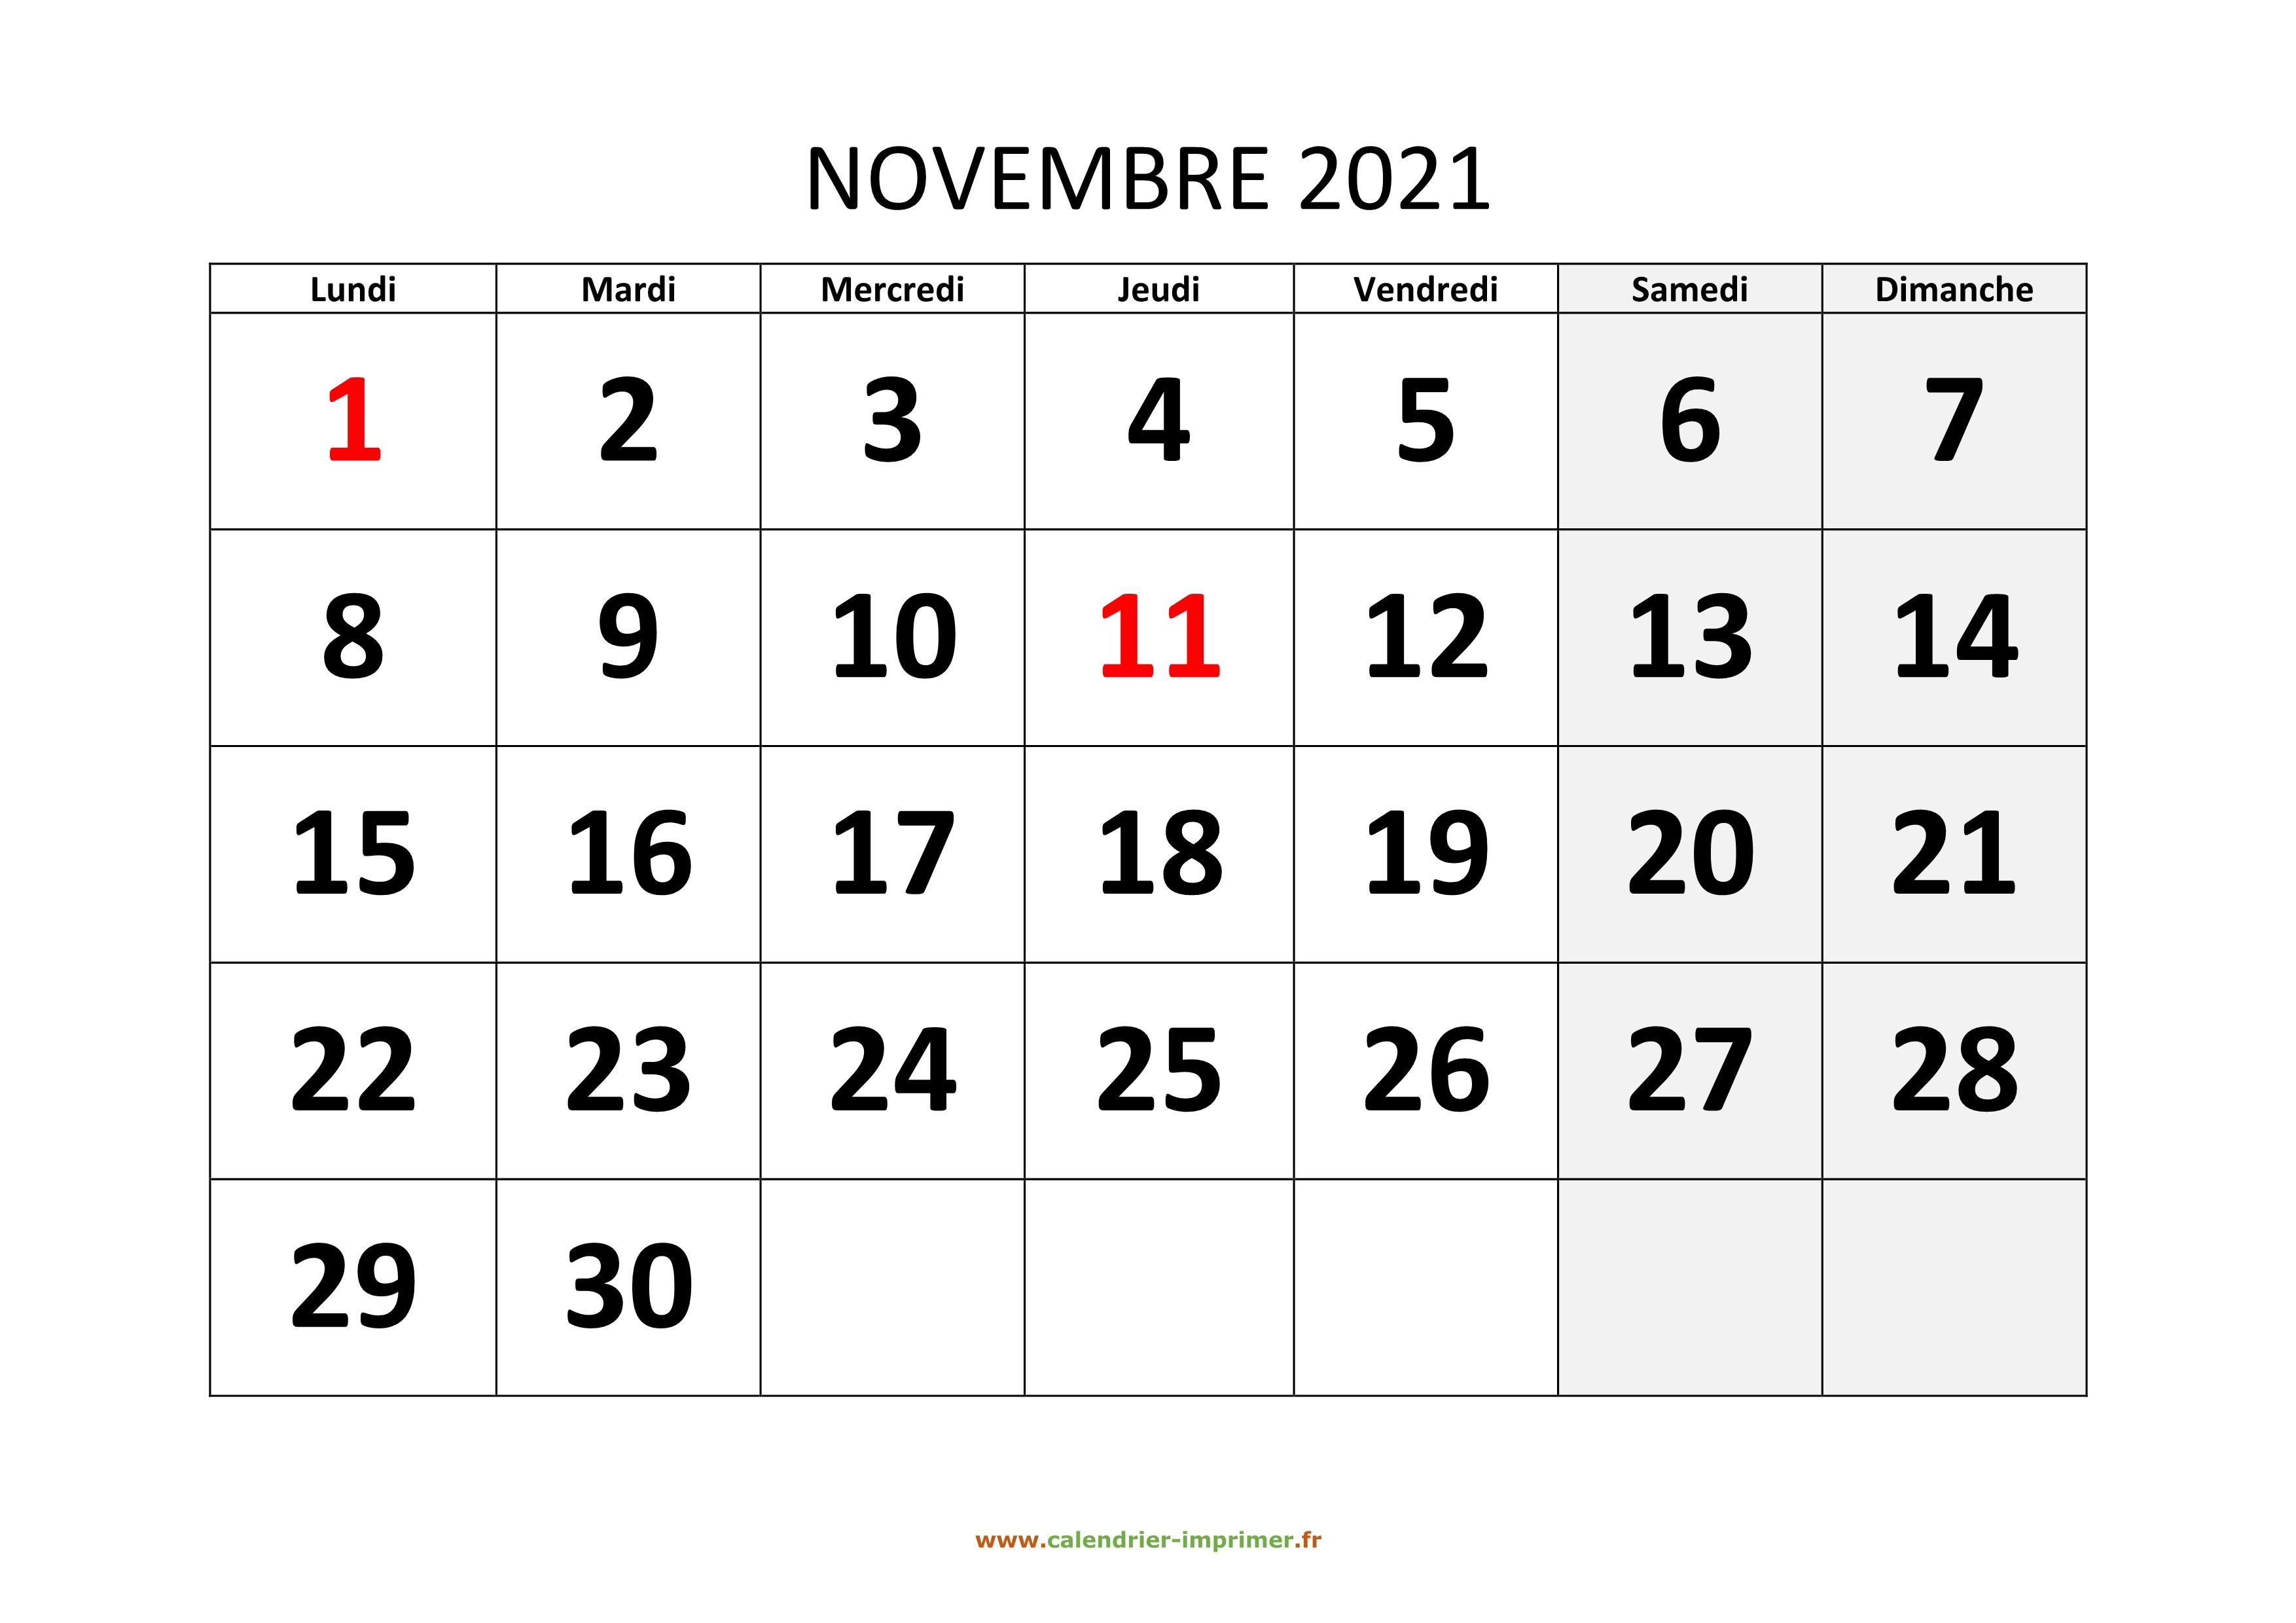 Calendrier Novembre 2021 à Imprimer Calendrier Novembre 2021 à imprimer